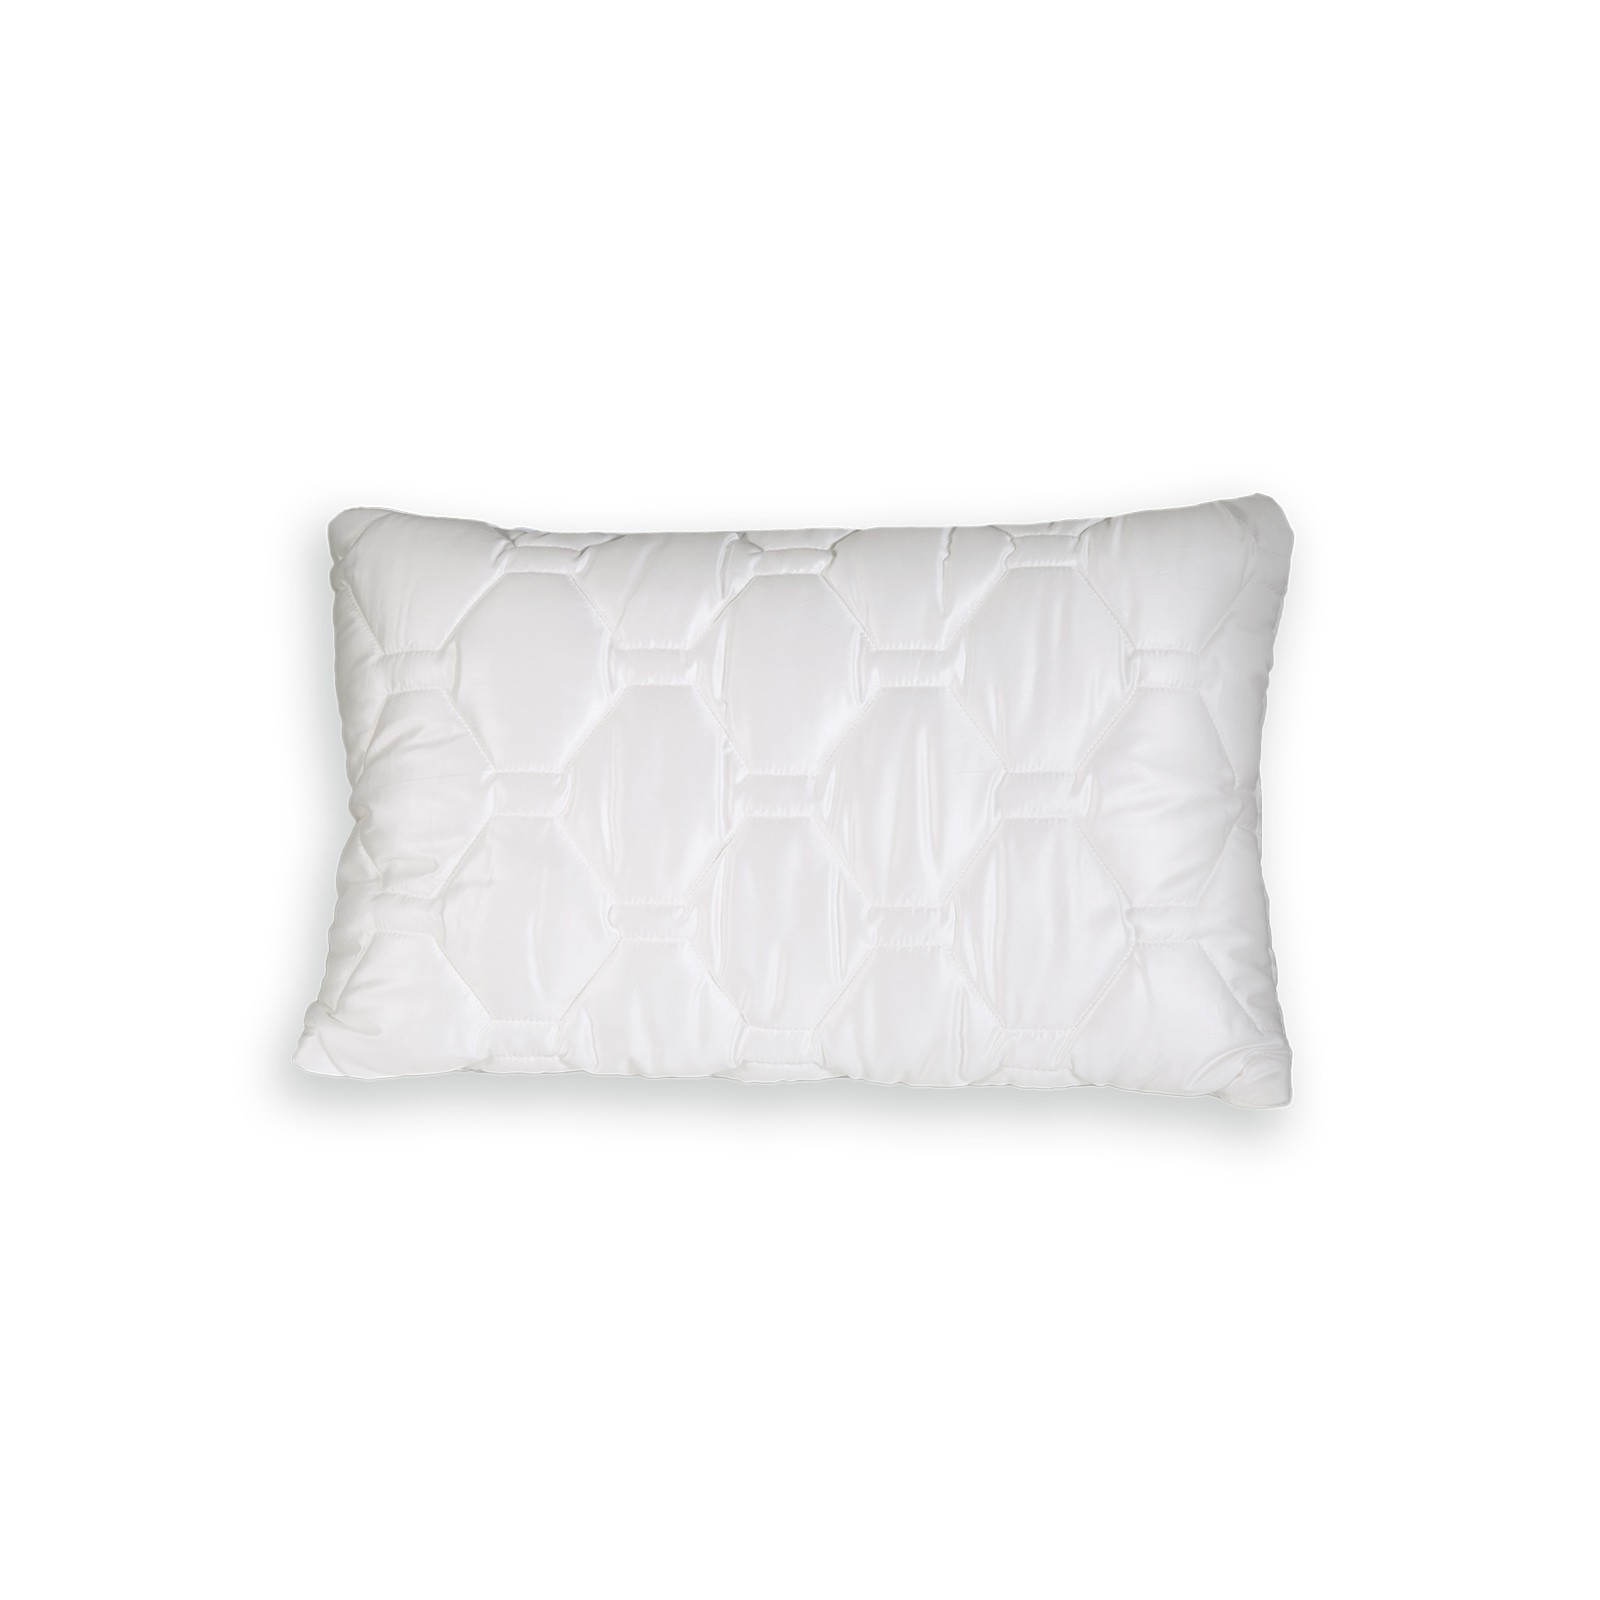 test kopfkissen 40x80 schr nke f r kleine schlafzimmer mein einrichten streifen bettw sche. Black Bedroom Furniture Sets. Home Design Ideas